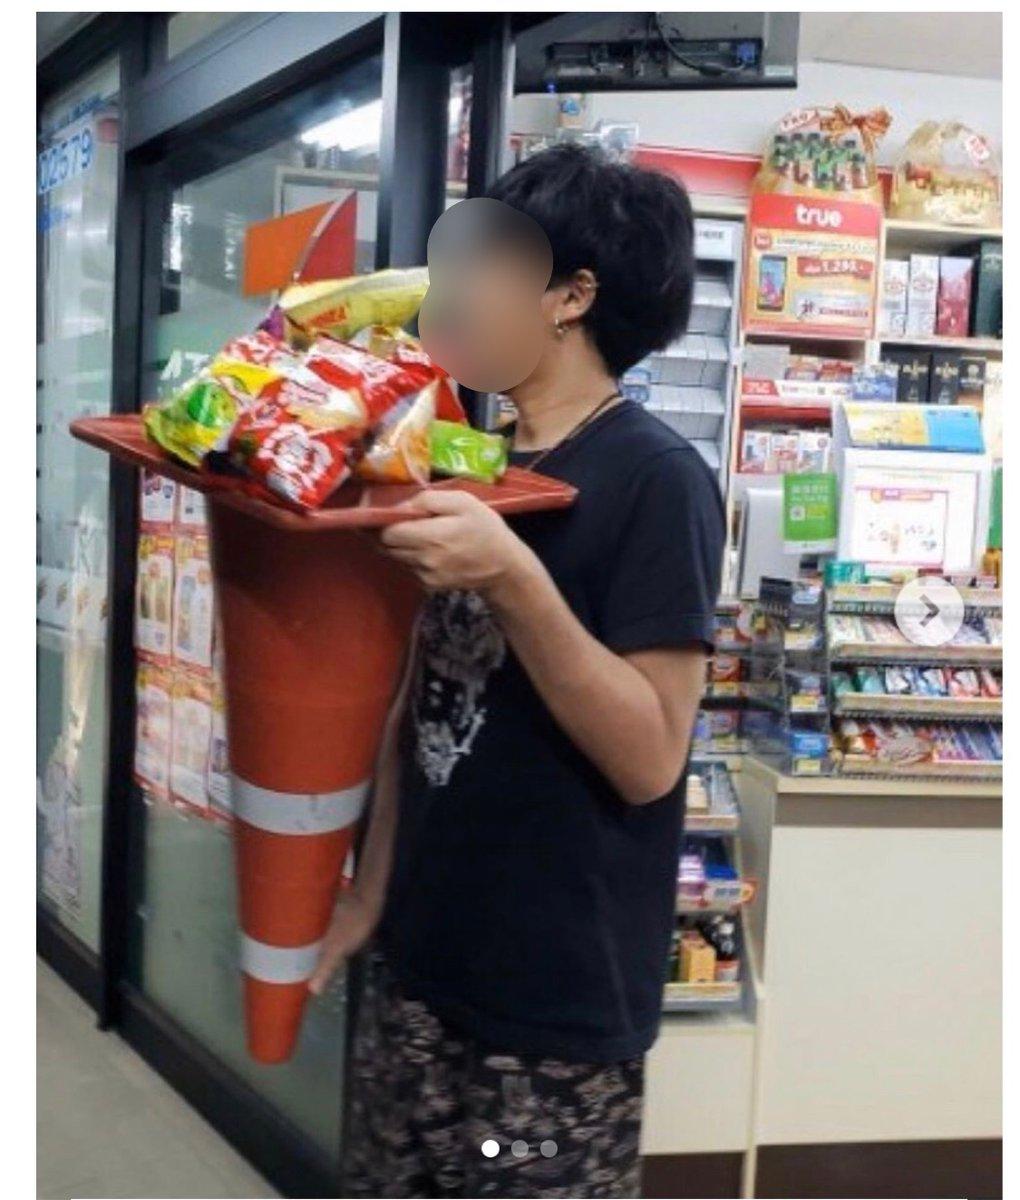 タイ、『コンビニのレジ袋が廃止されたので三角コーンを入れ物にして買い物する客が増えてる』っていうニュースを見たので実践するために来月タイに行ってきます。バンコク在住のフォロワーさんは連絡ください。